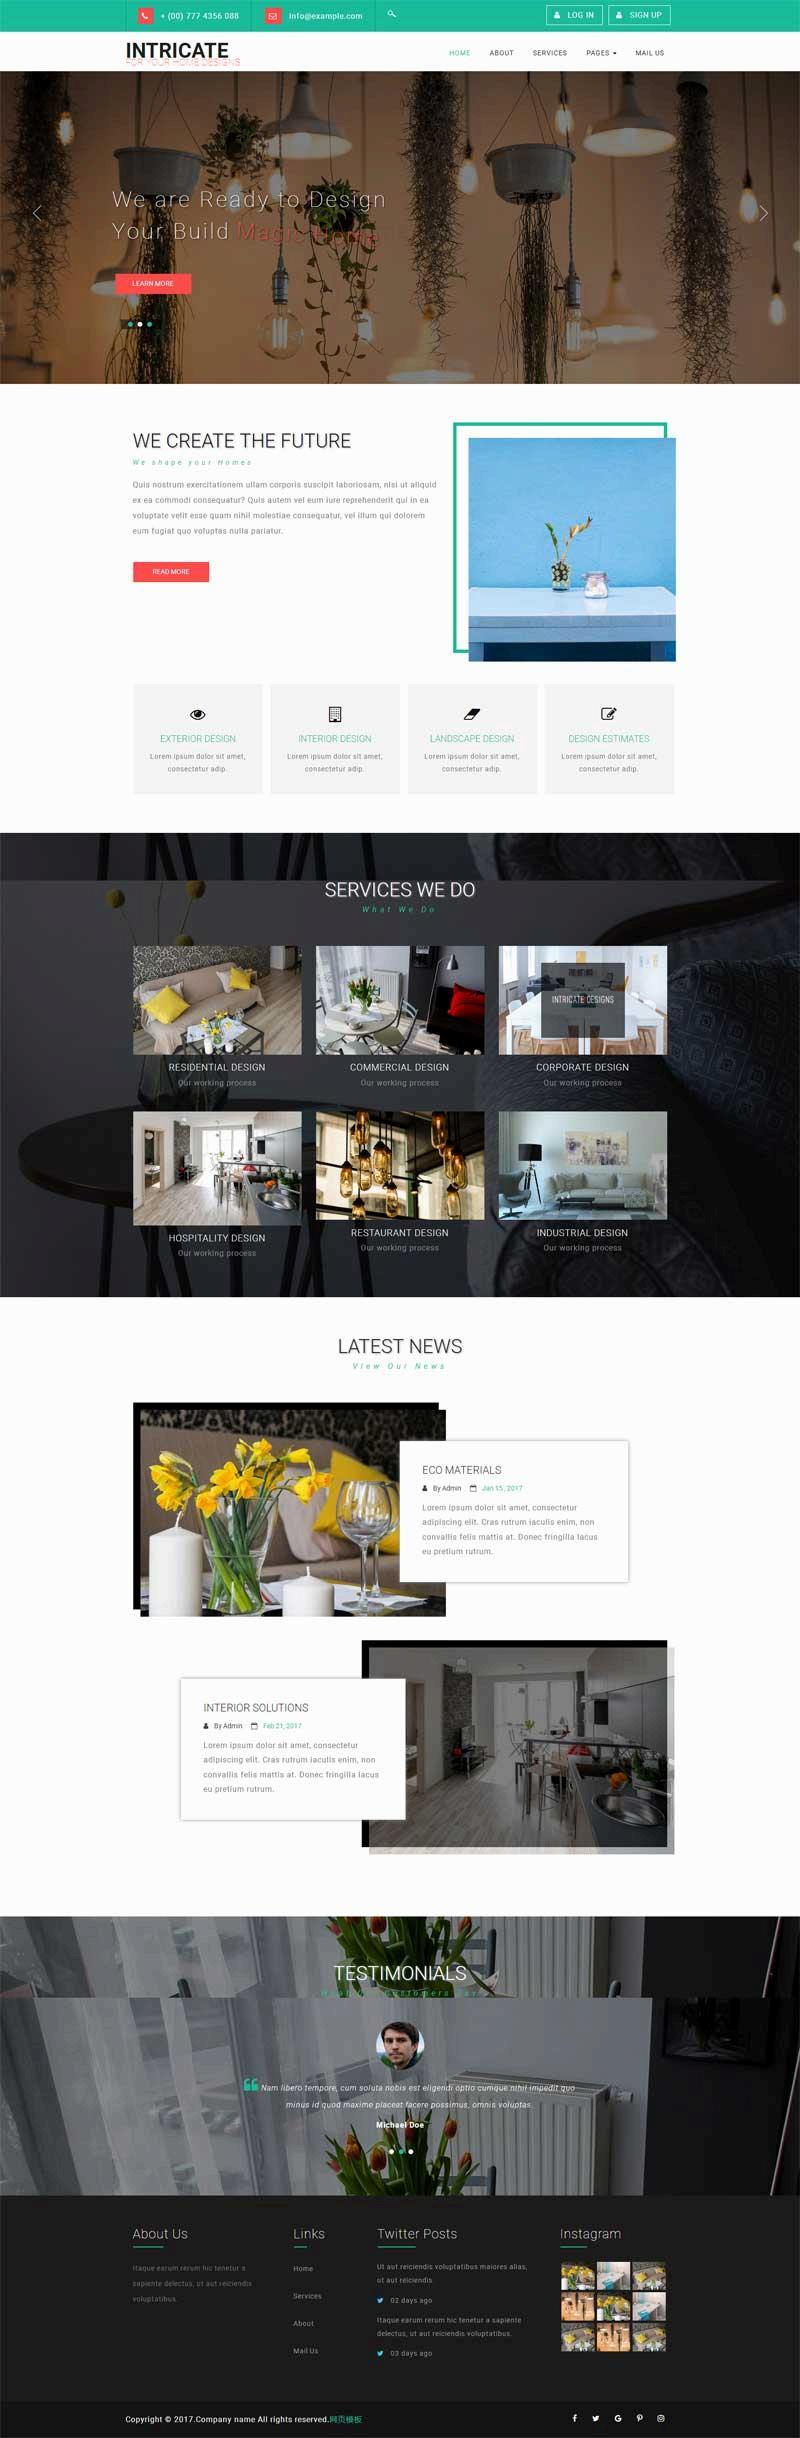 大气的室内家具装饰公司网站html模板